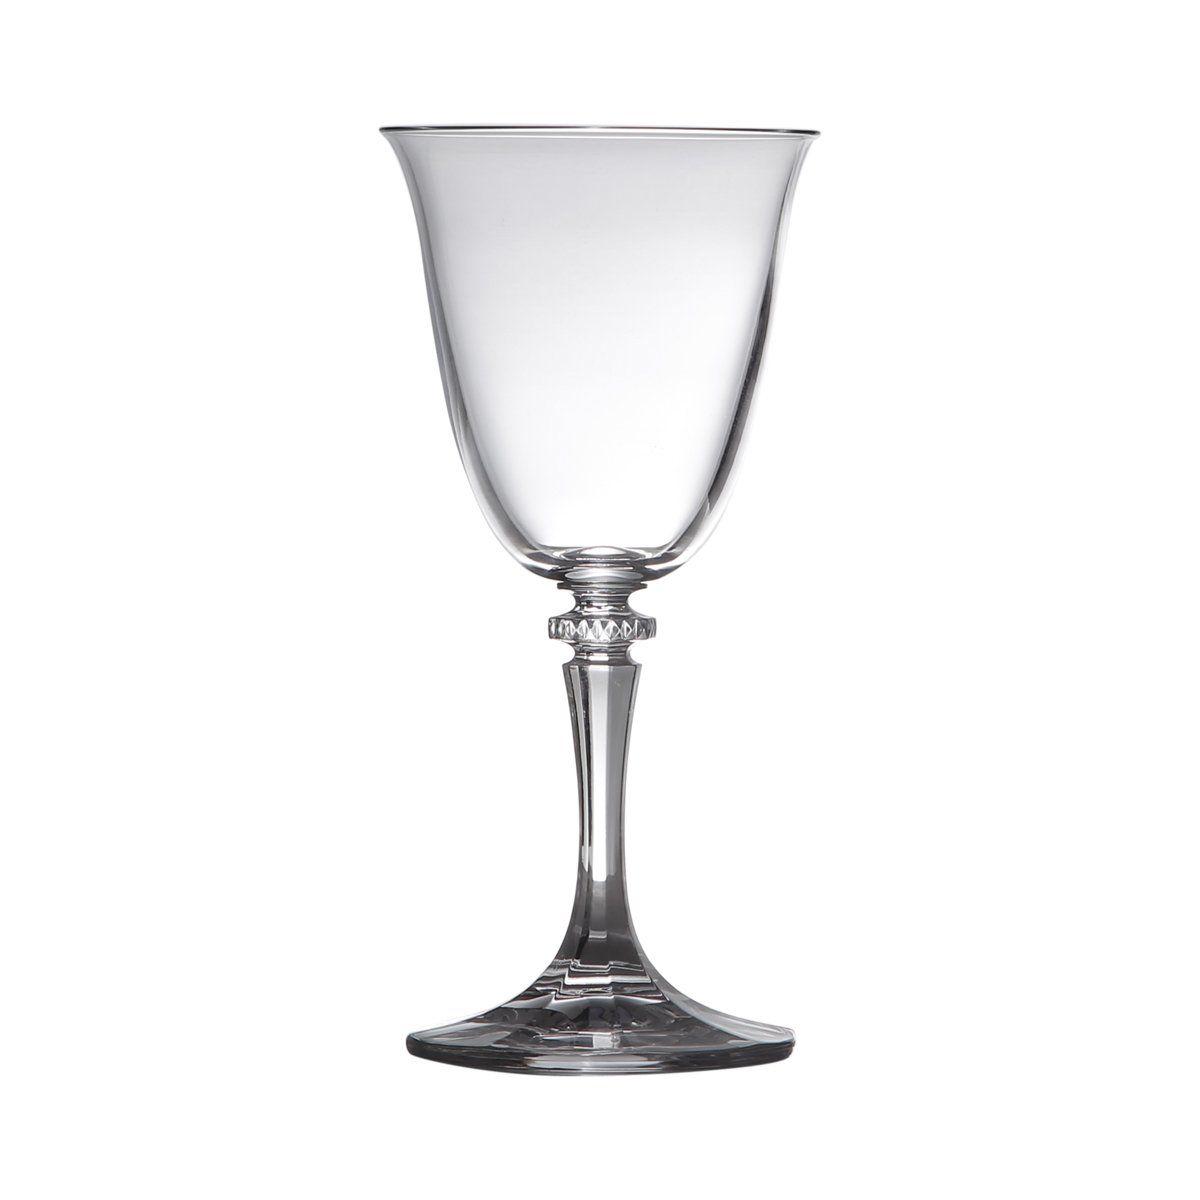 Jogo 6 taças 250ml para vinho branco de vidro transparente Kleopatra Bohemia - 5230